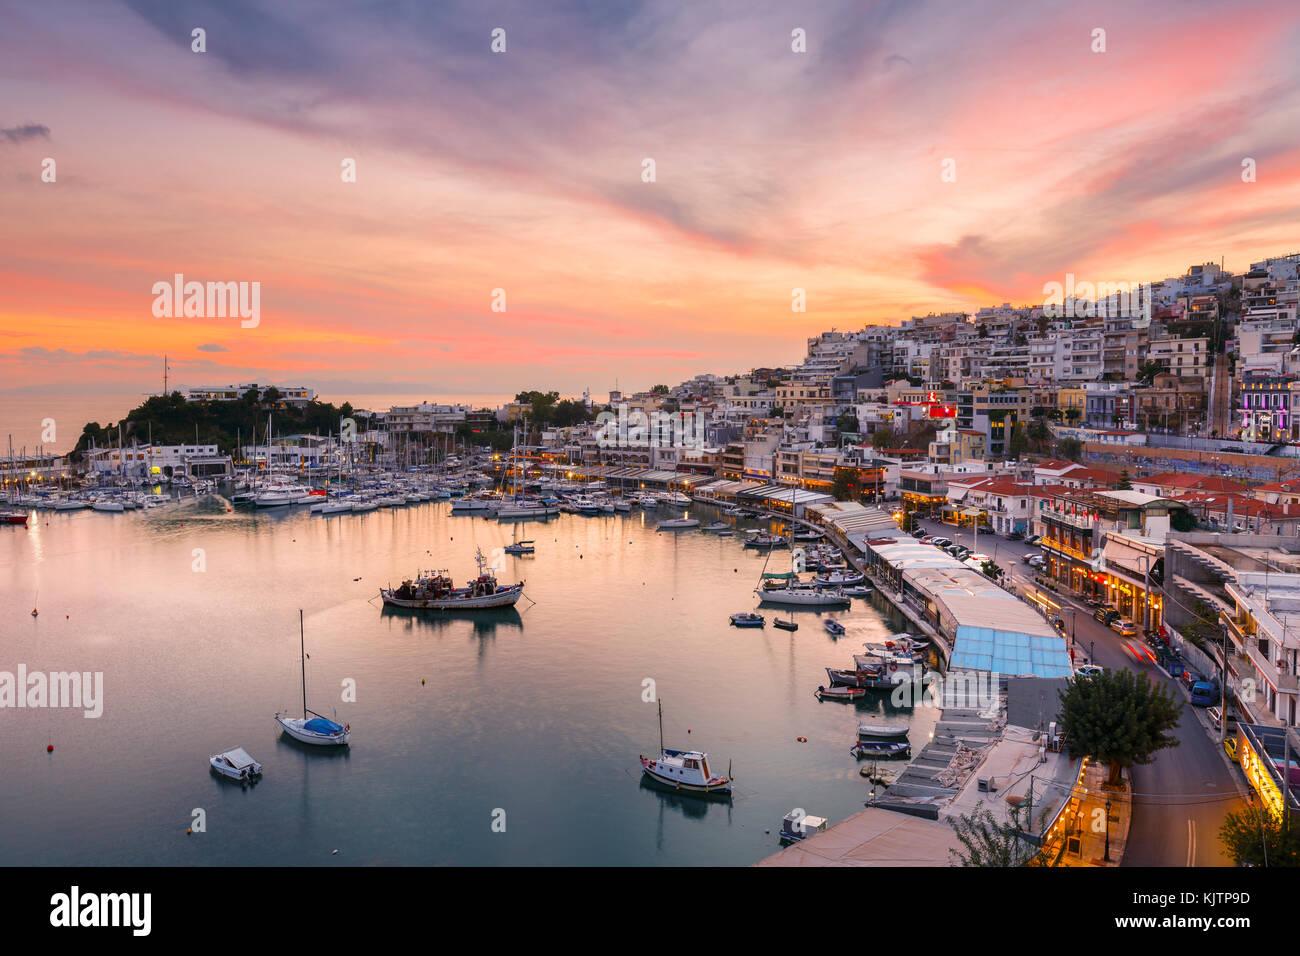 Serata in Mikrolimano marina in Atene in Grecia. Immagini Stock